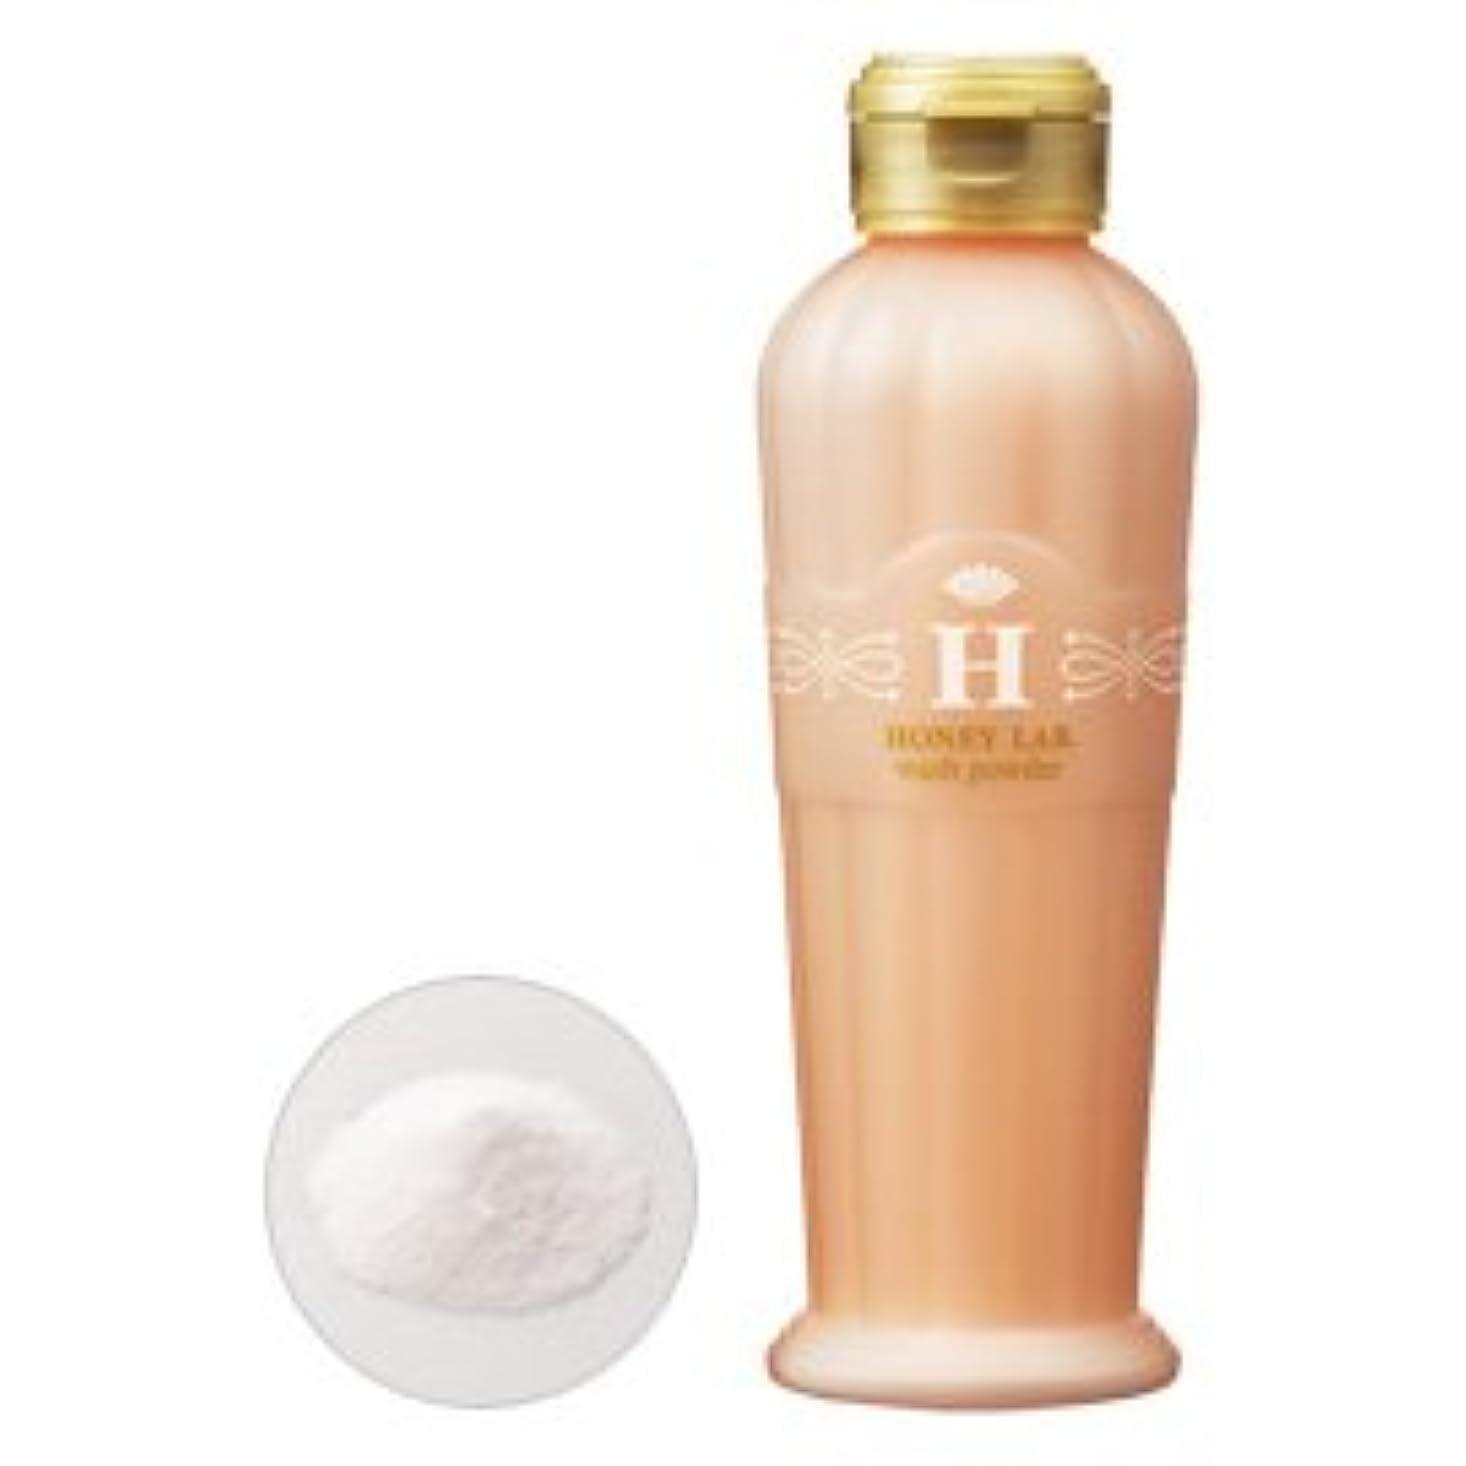 雪ワットバンケットハニーラボ 洗顔パウダー 粉末状洗顔料 60g/Honey lab Face Wash Powder <60g>